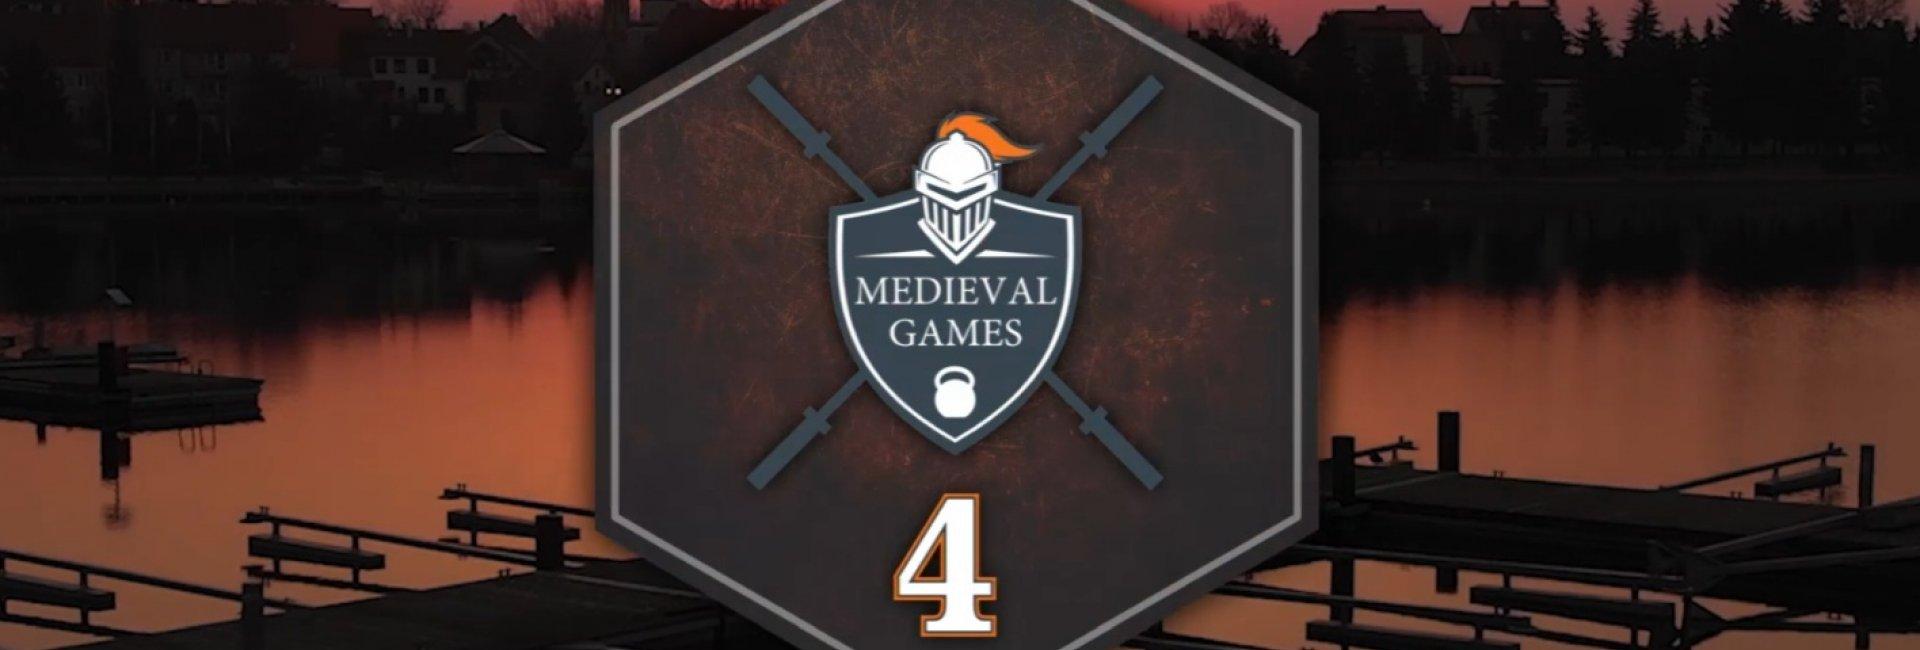 Medieval Games 2020